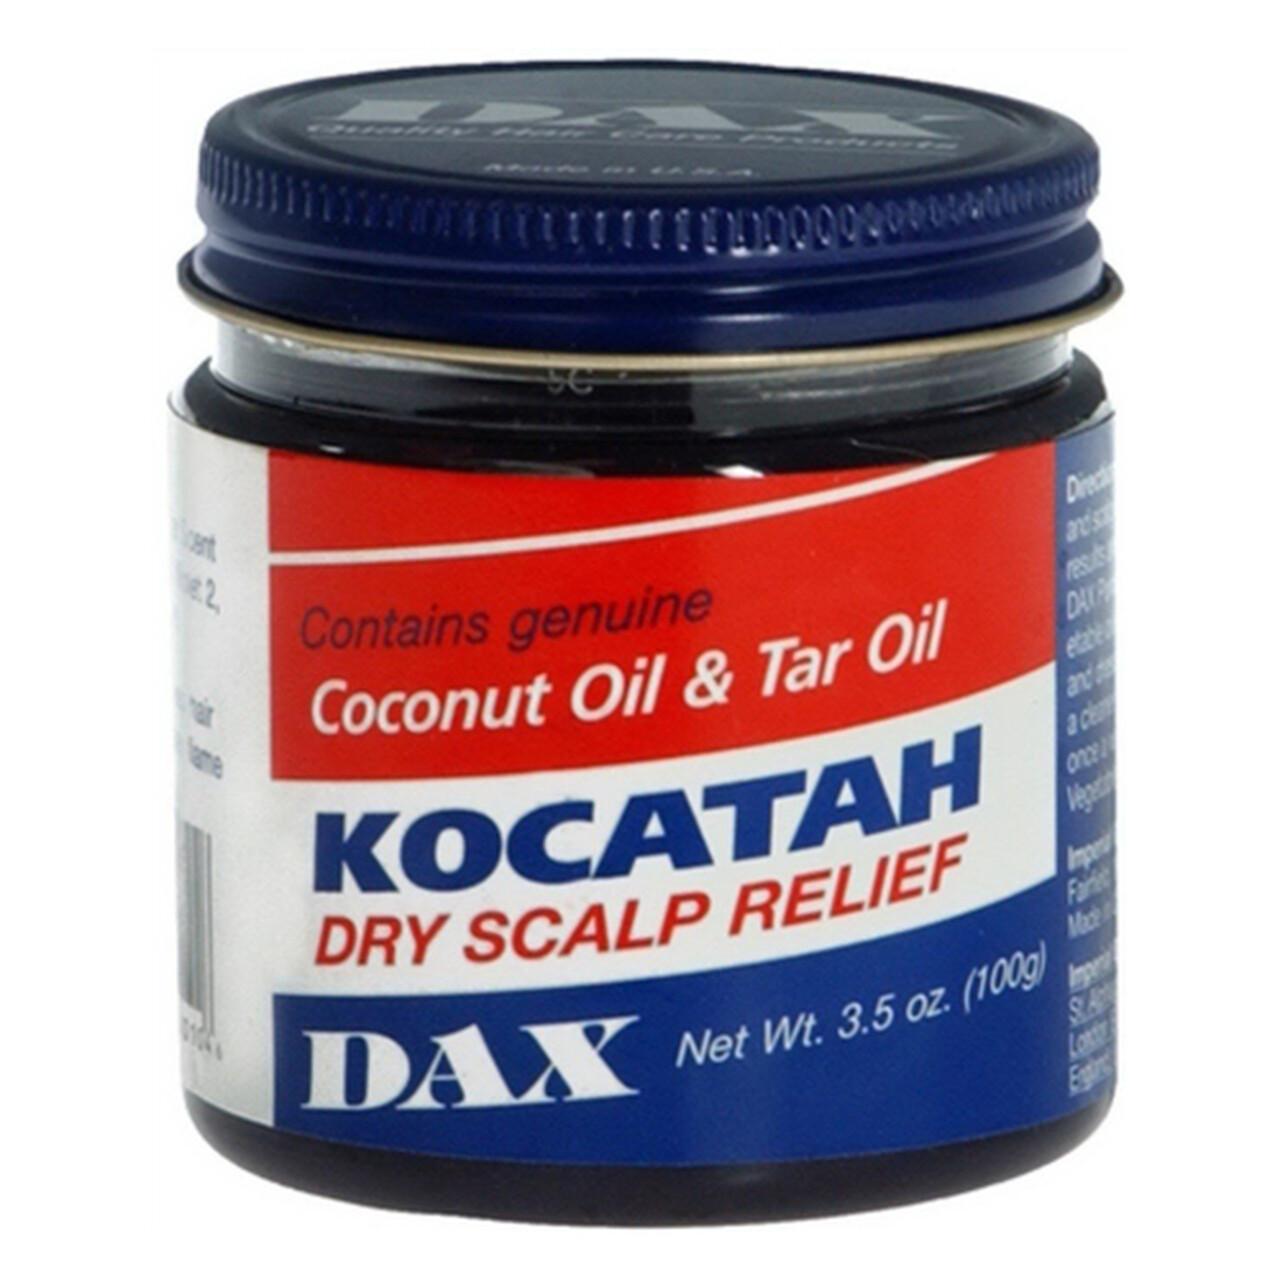 DAX KOCATAH Dry Scalp relief 3.5 fl oz:  $2.99